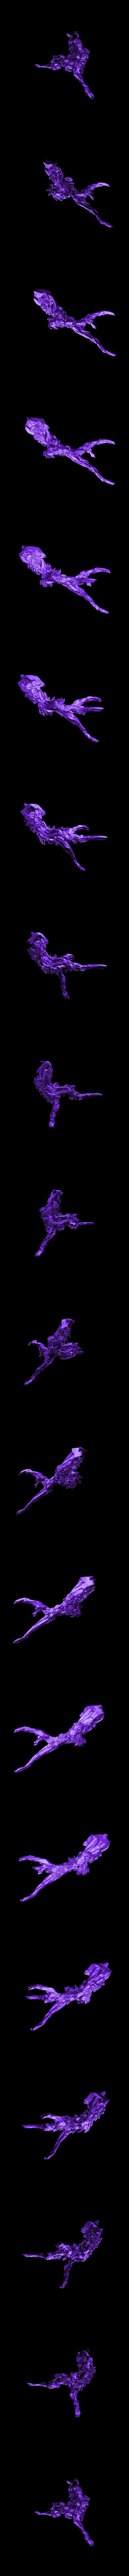 Free_Branch.stl Download free STL file The Deer Gods - Trophy Mount • 3D printing template, beldolor